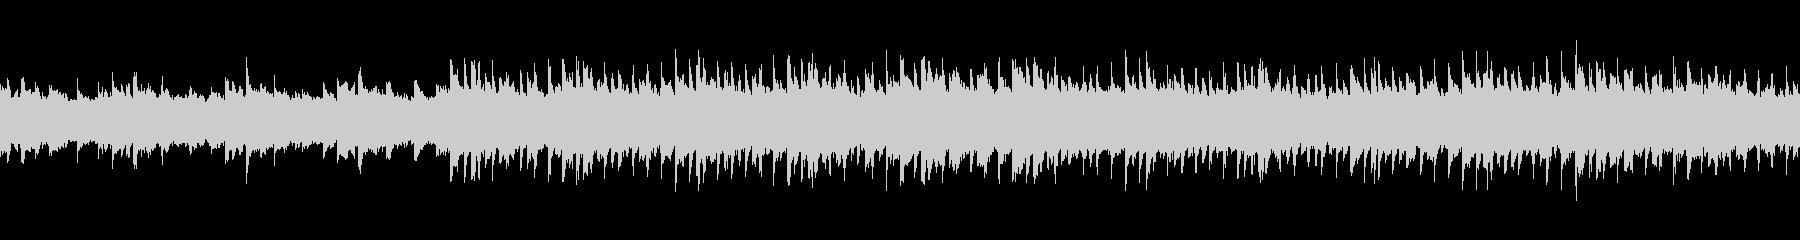 シンセリードによる落ち着いたループ曲の未再生の波形